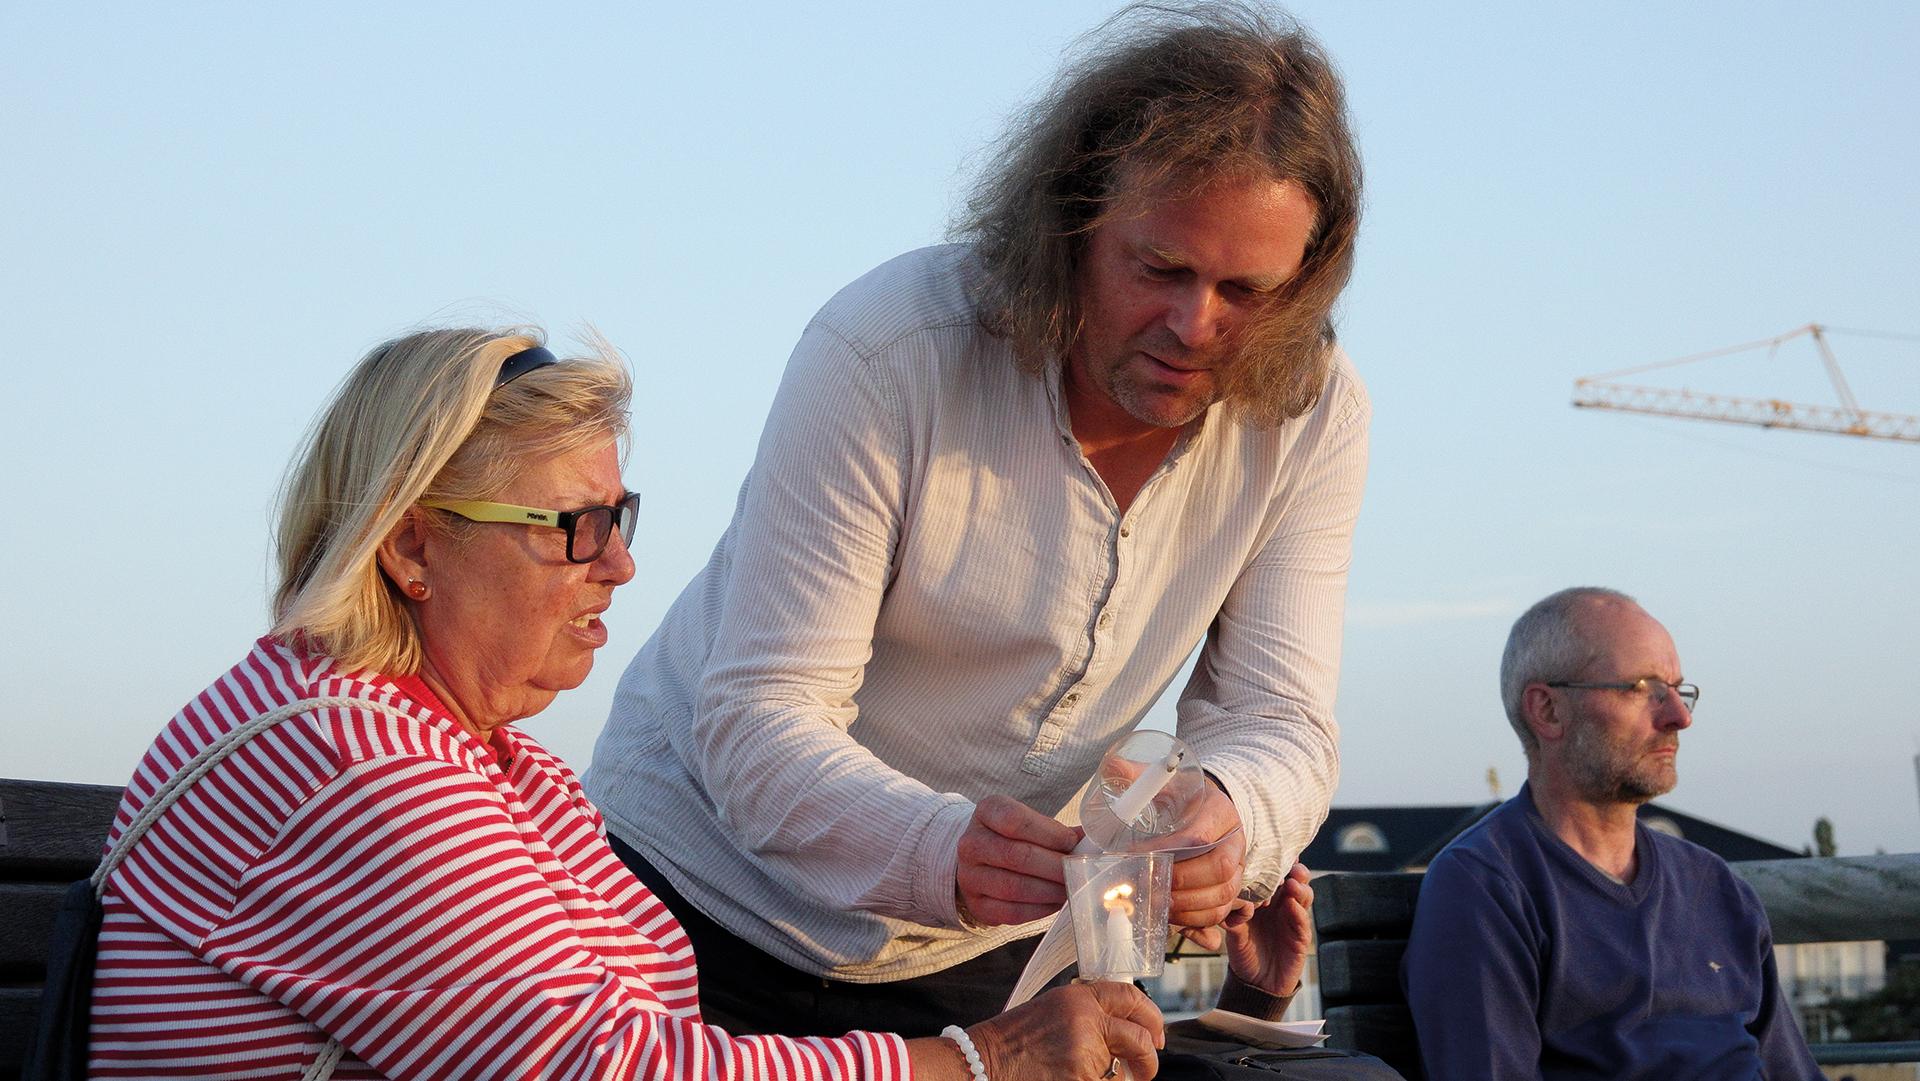 Gemeindepfarrer Höpfner nimmt gerne an den Andachten seiner Kollegin teil